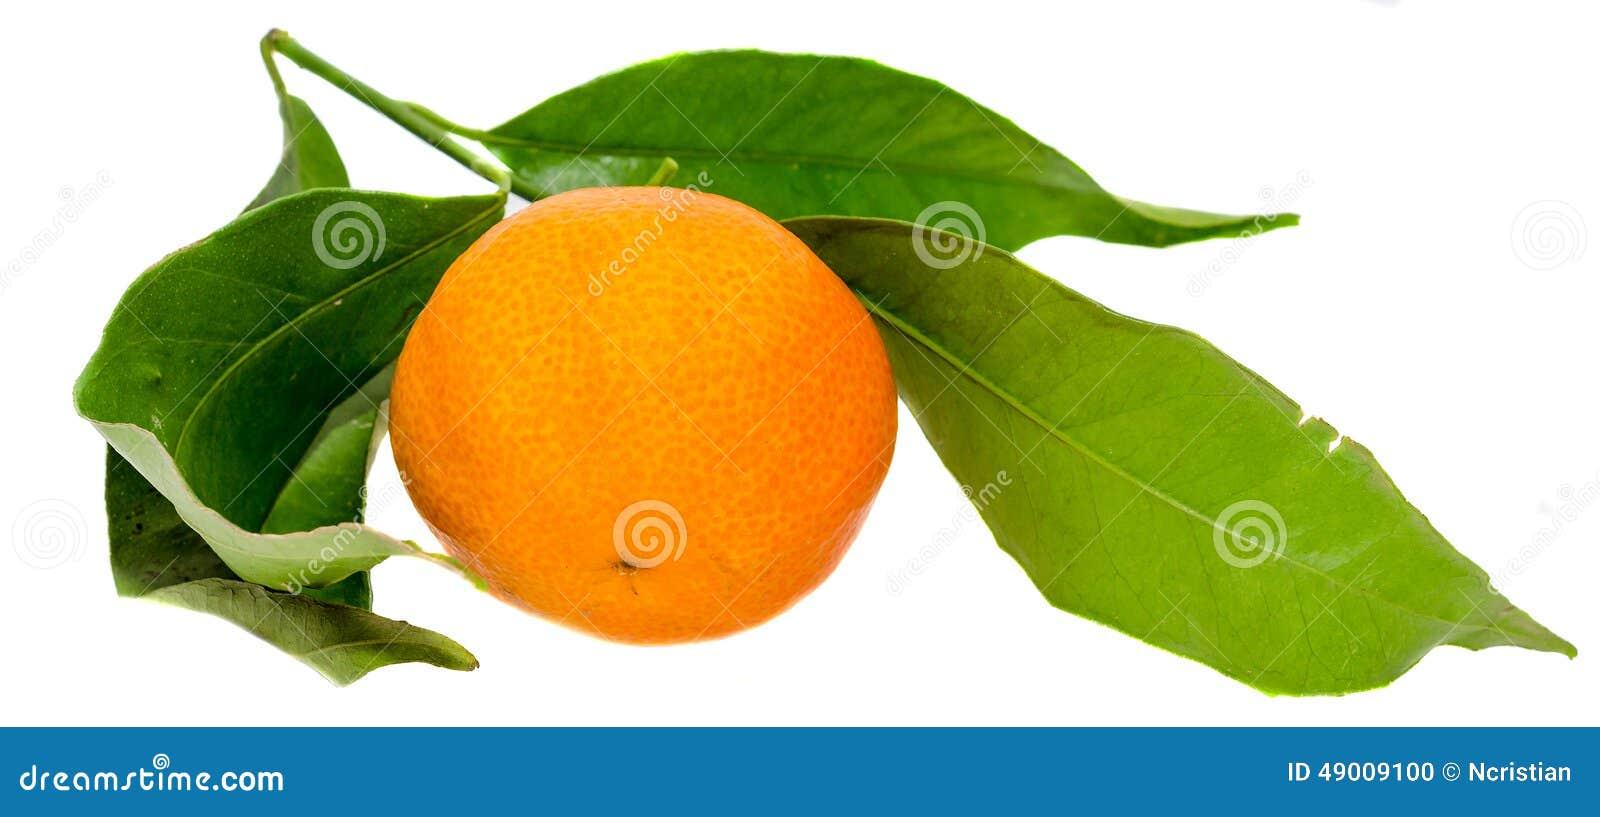 La mandarina (reticulata de la fruta cítrica), también conocida como el mandarín o el mandarín, fondo aislado, blanco